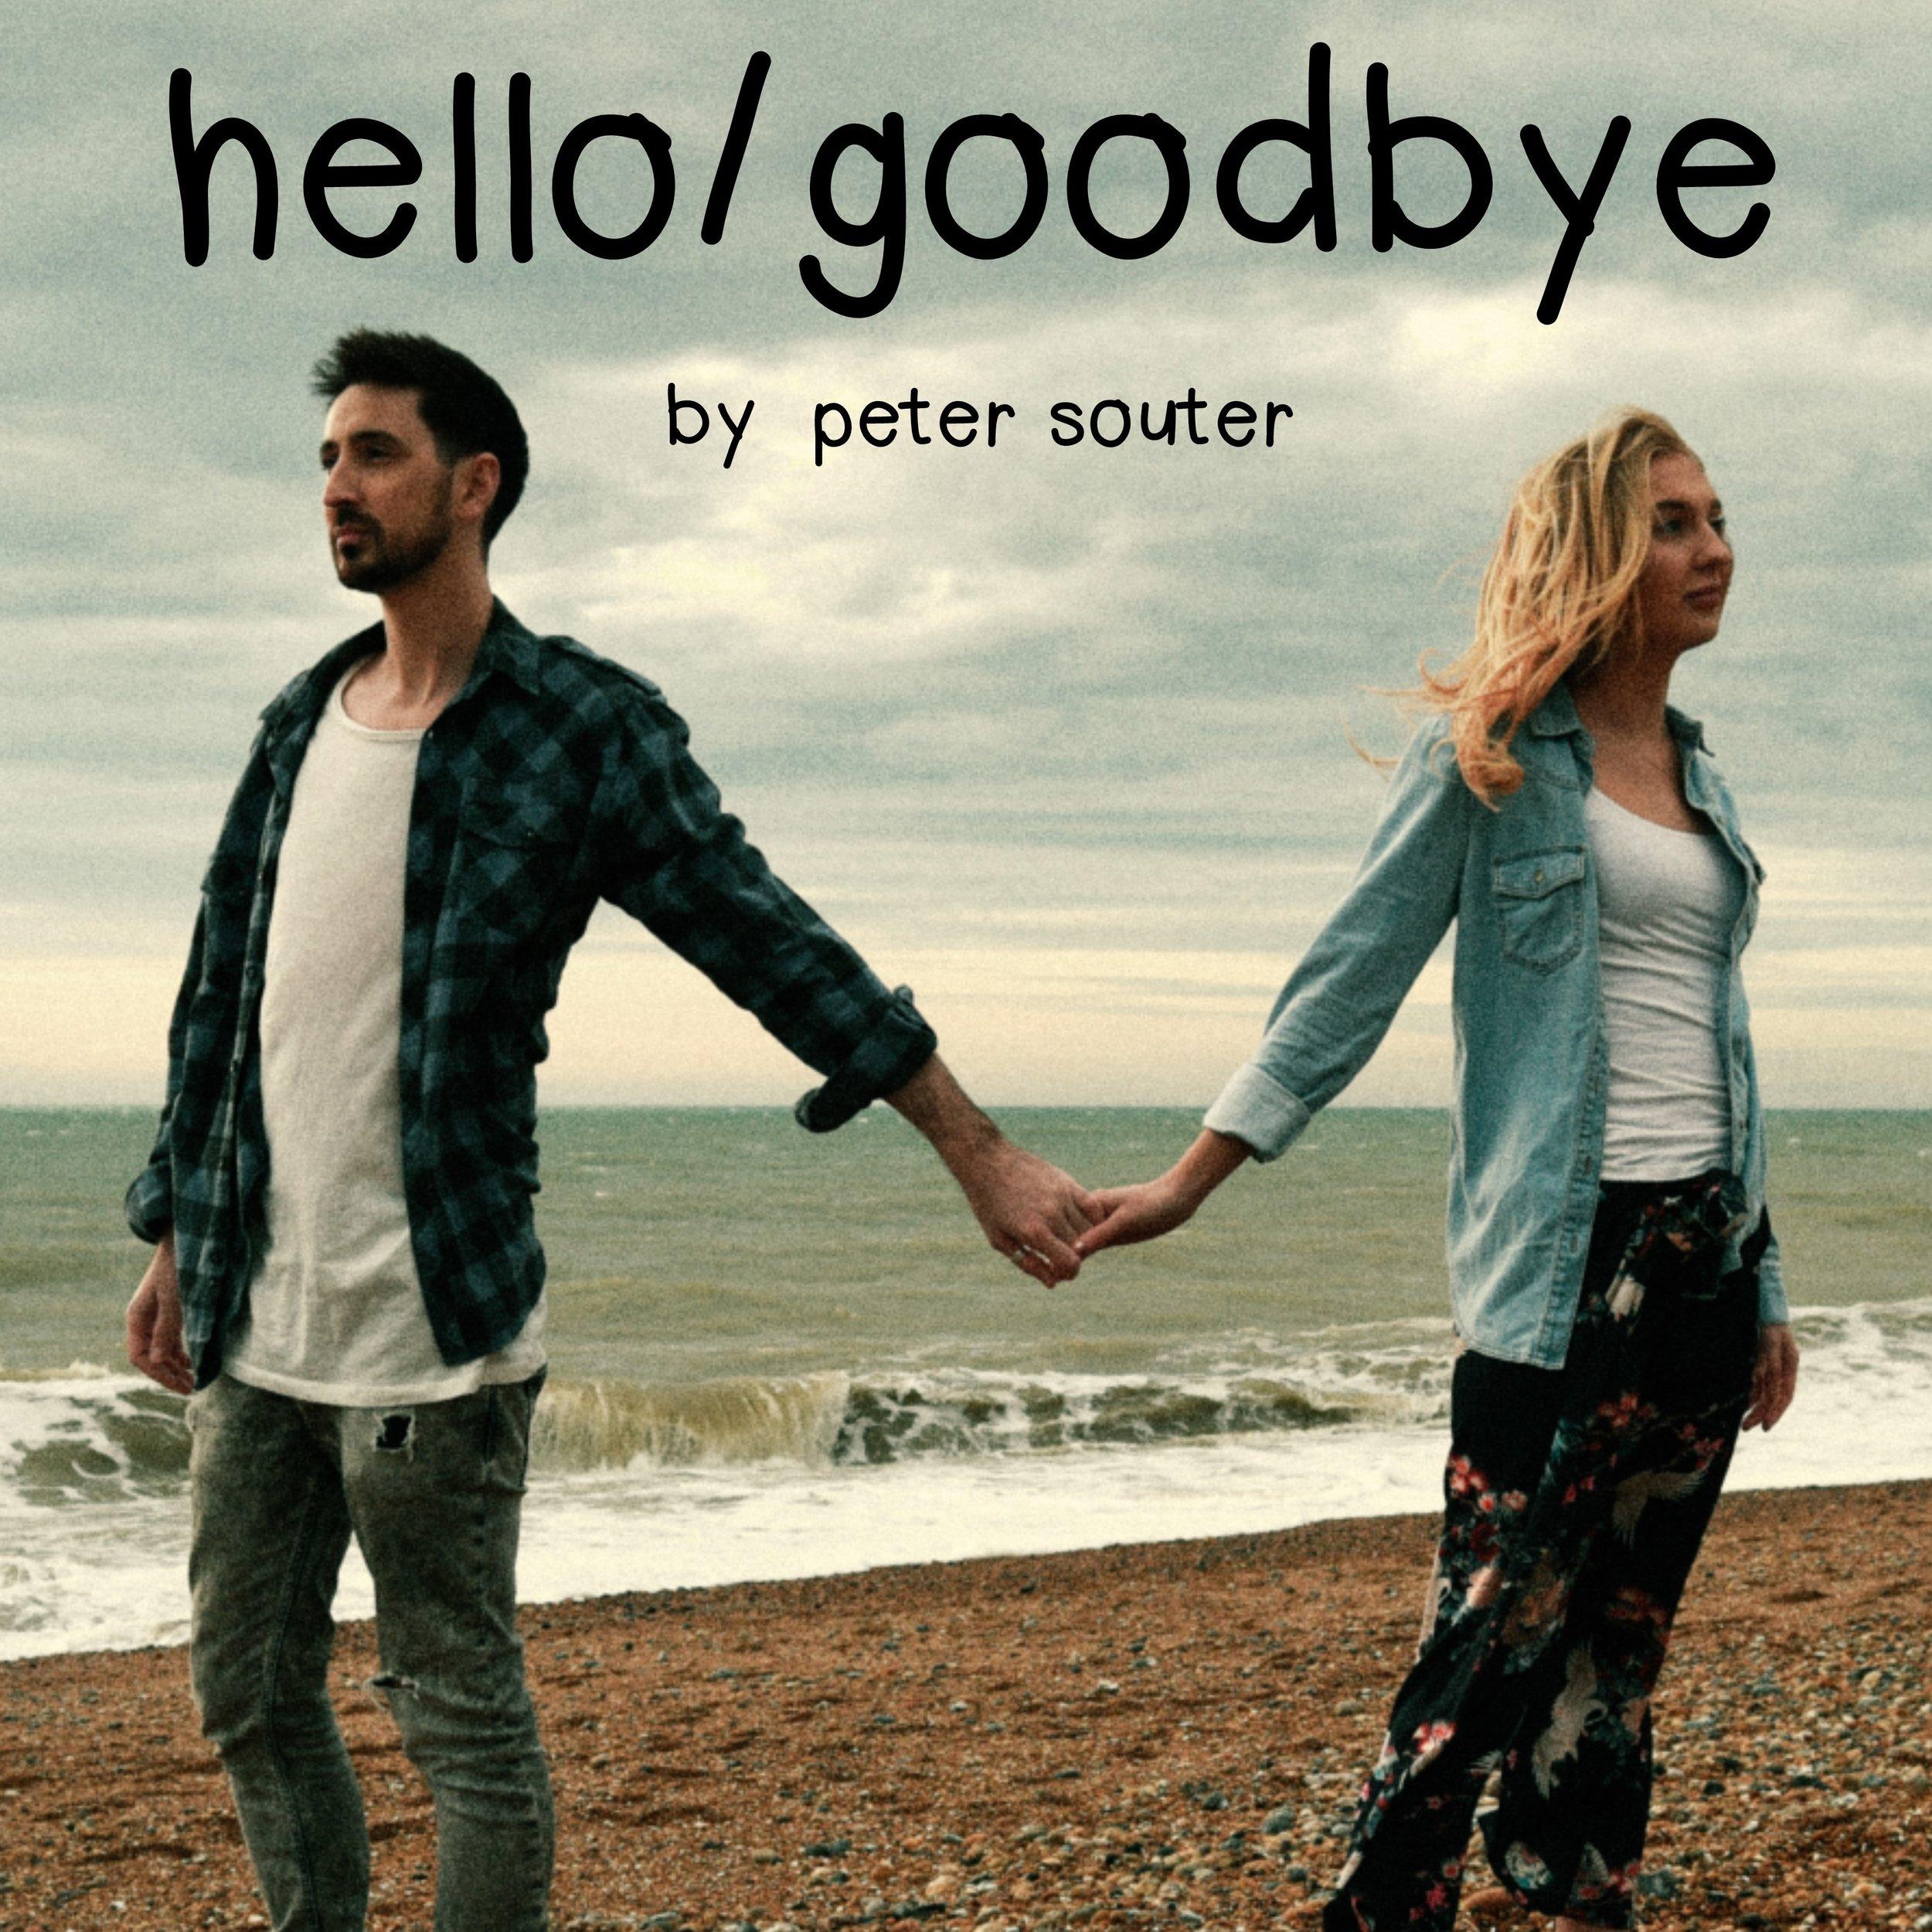 hello goodbye web image.jpg